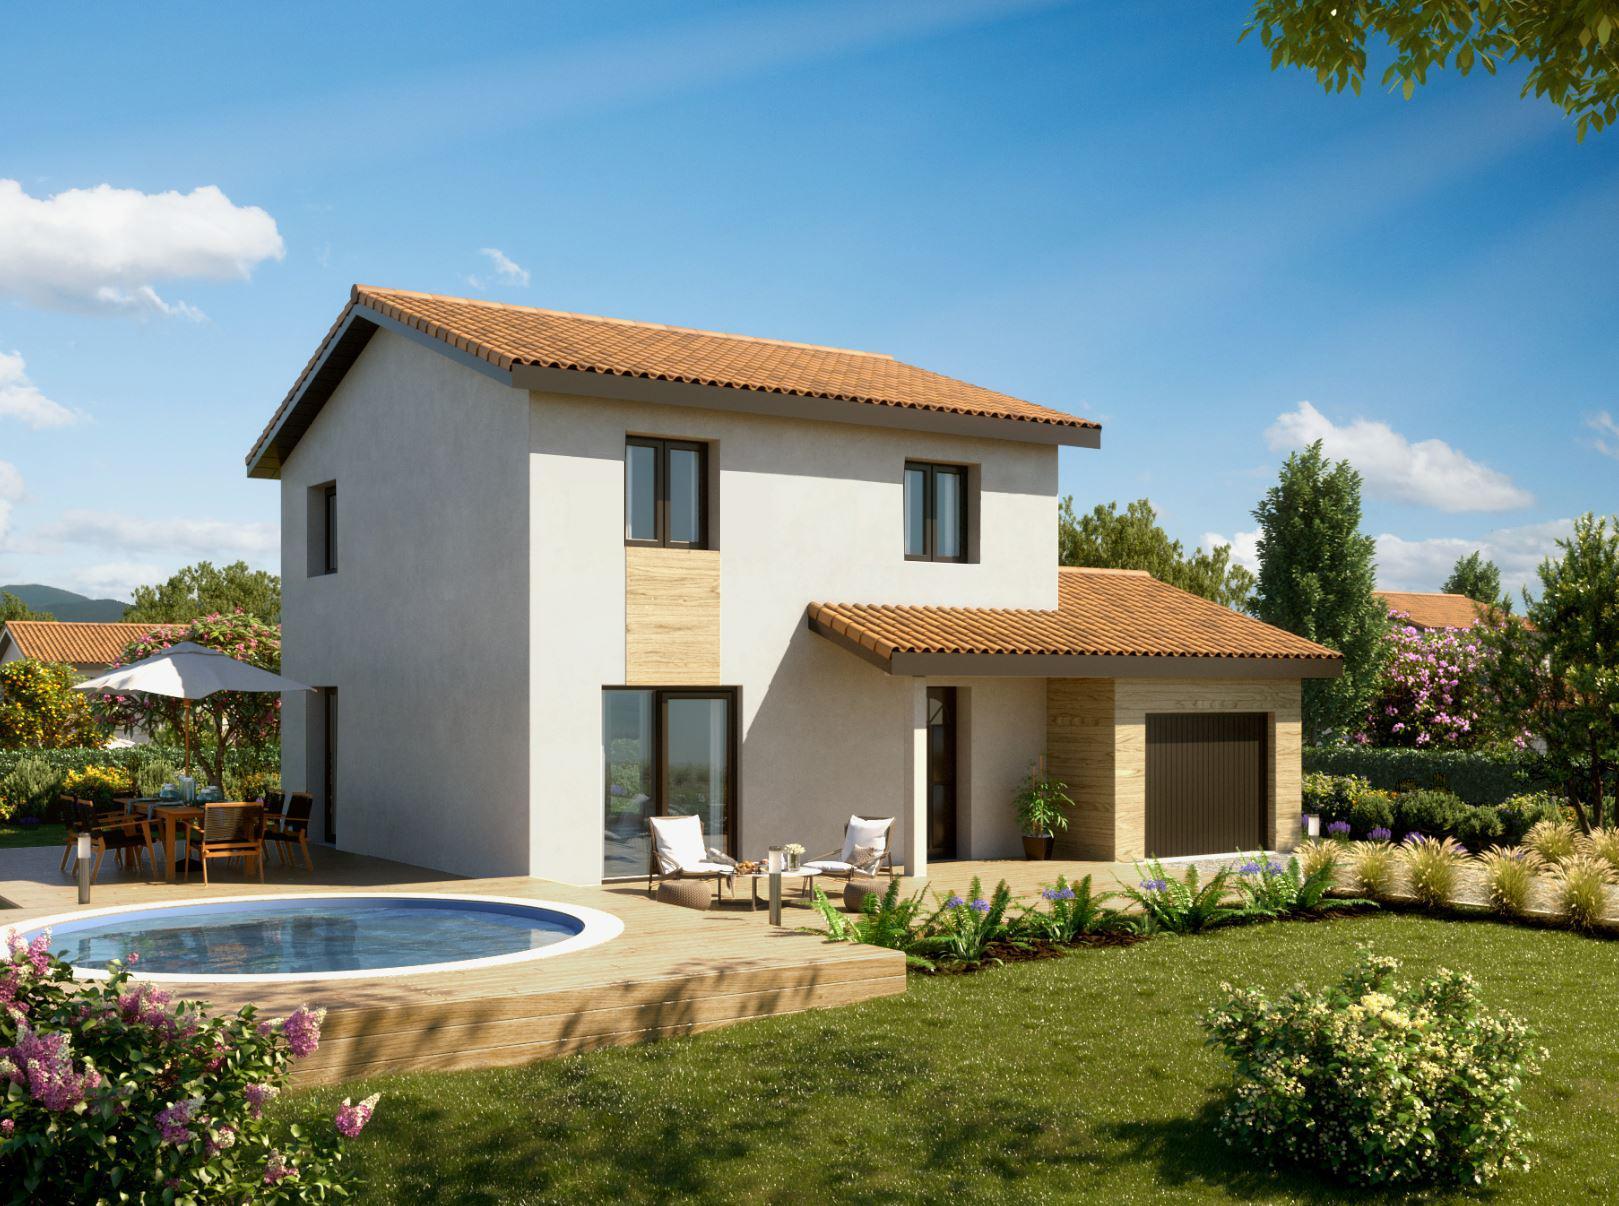 Maisons + Terrains du constructeur MAISONS PUNCH BOURGOIN • 78 m² • LA CHAPELLE DE LA TOUR